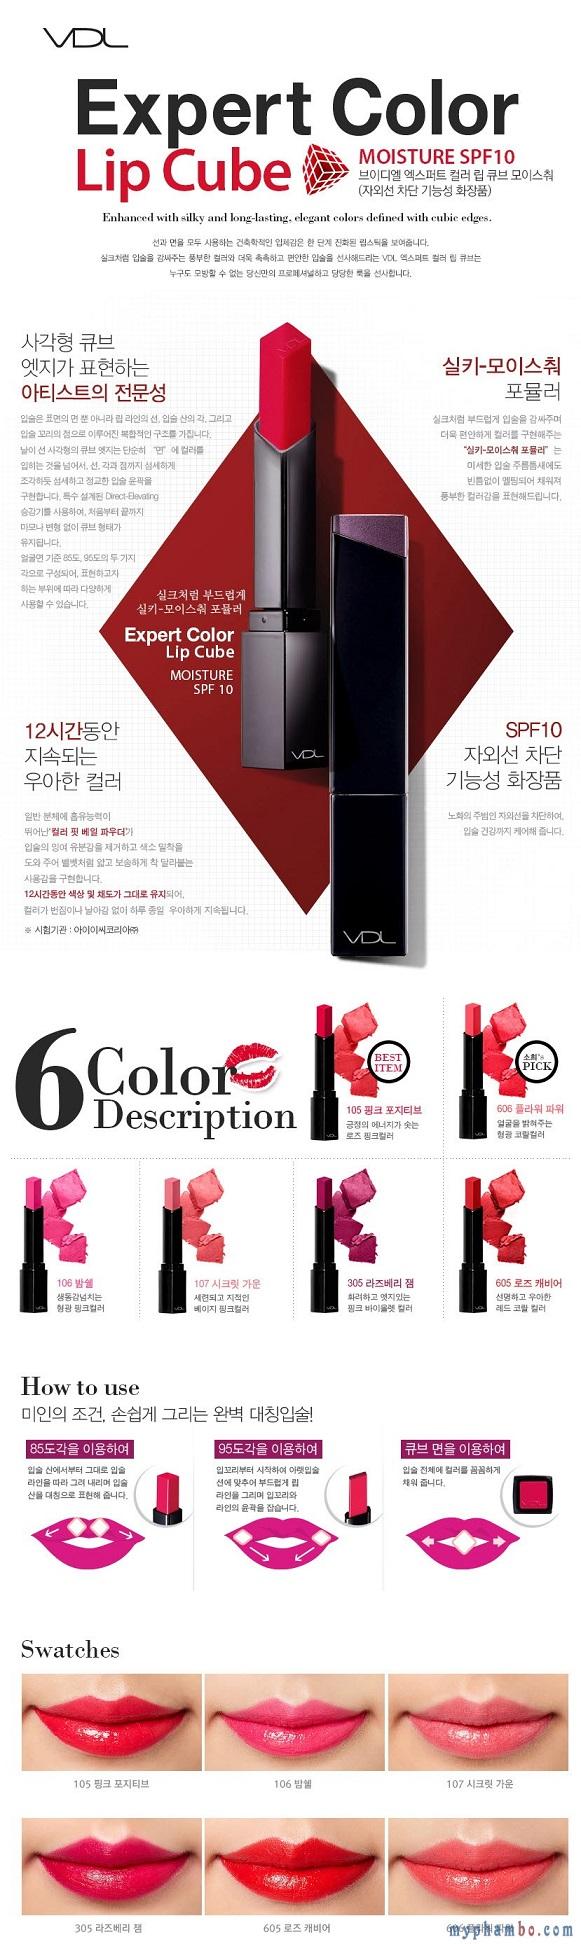 Son vuong VDL Expert Color Lip Cube Moisture SPF10 (6)